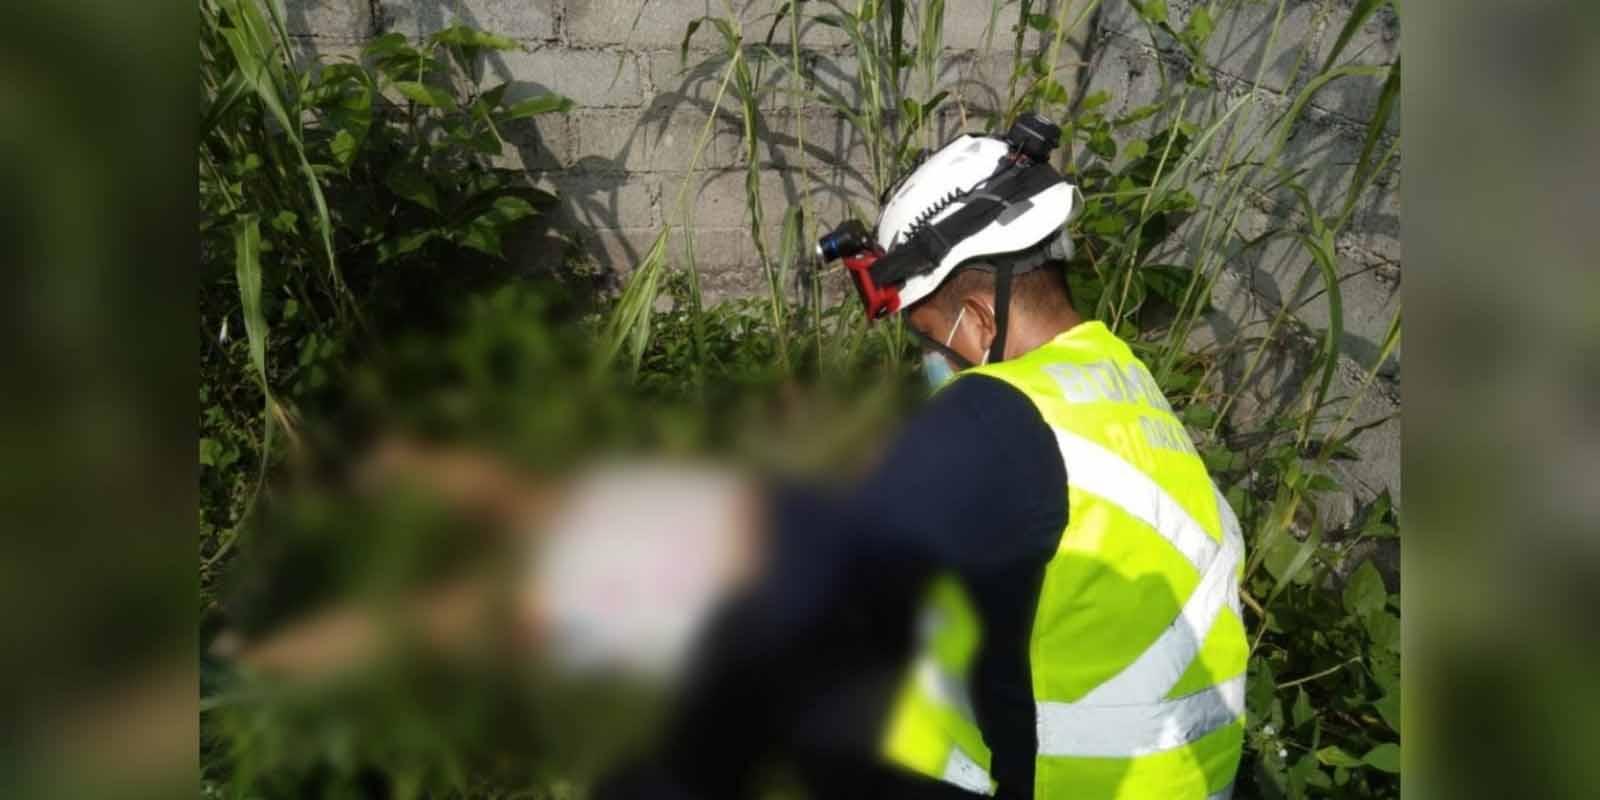 Muere mujer tras caer de una casa | El Imparcial de Oaxaca